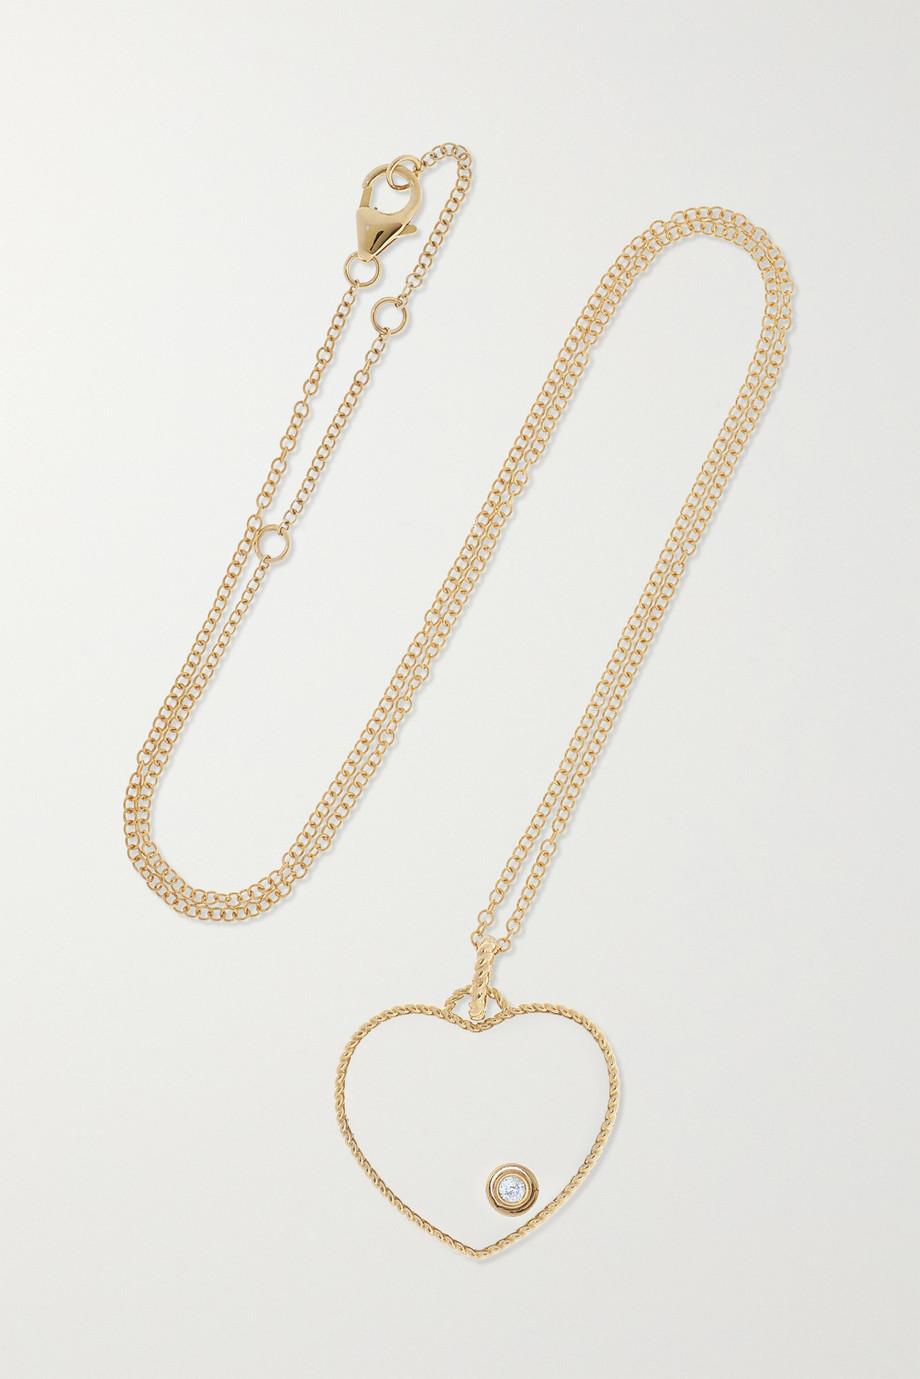 Yvonne Léon 9-karat gold, diamond and glass necklace